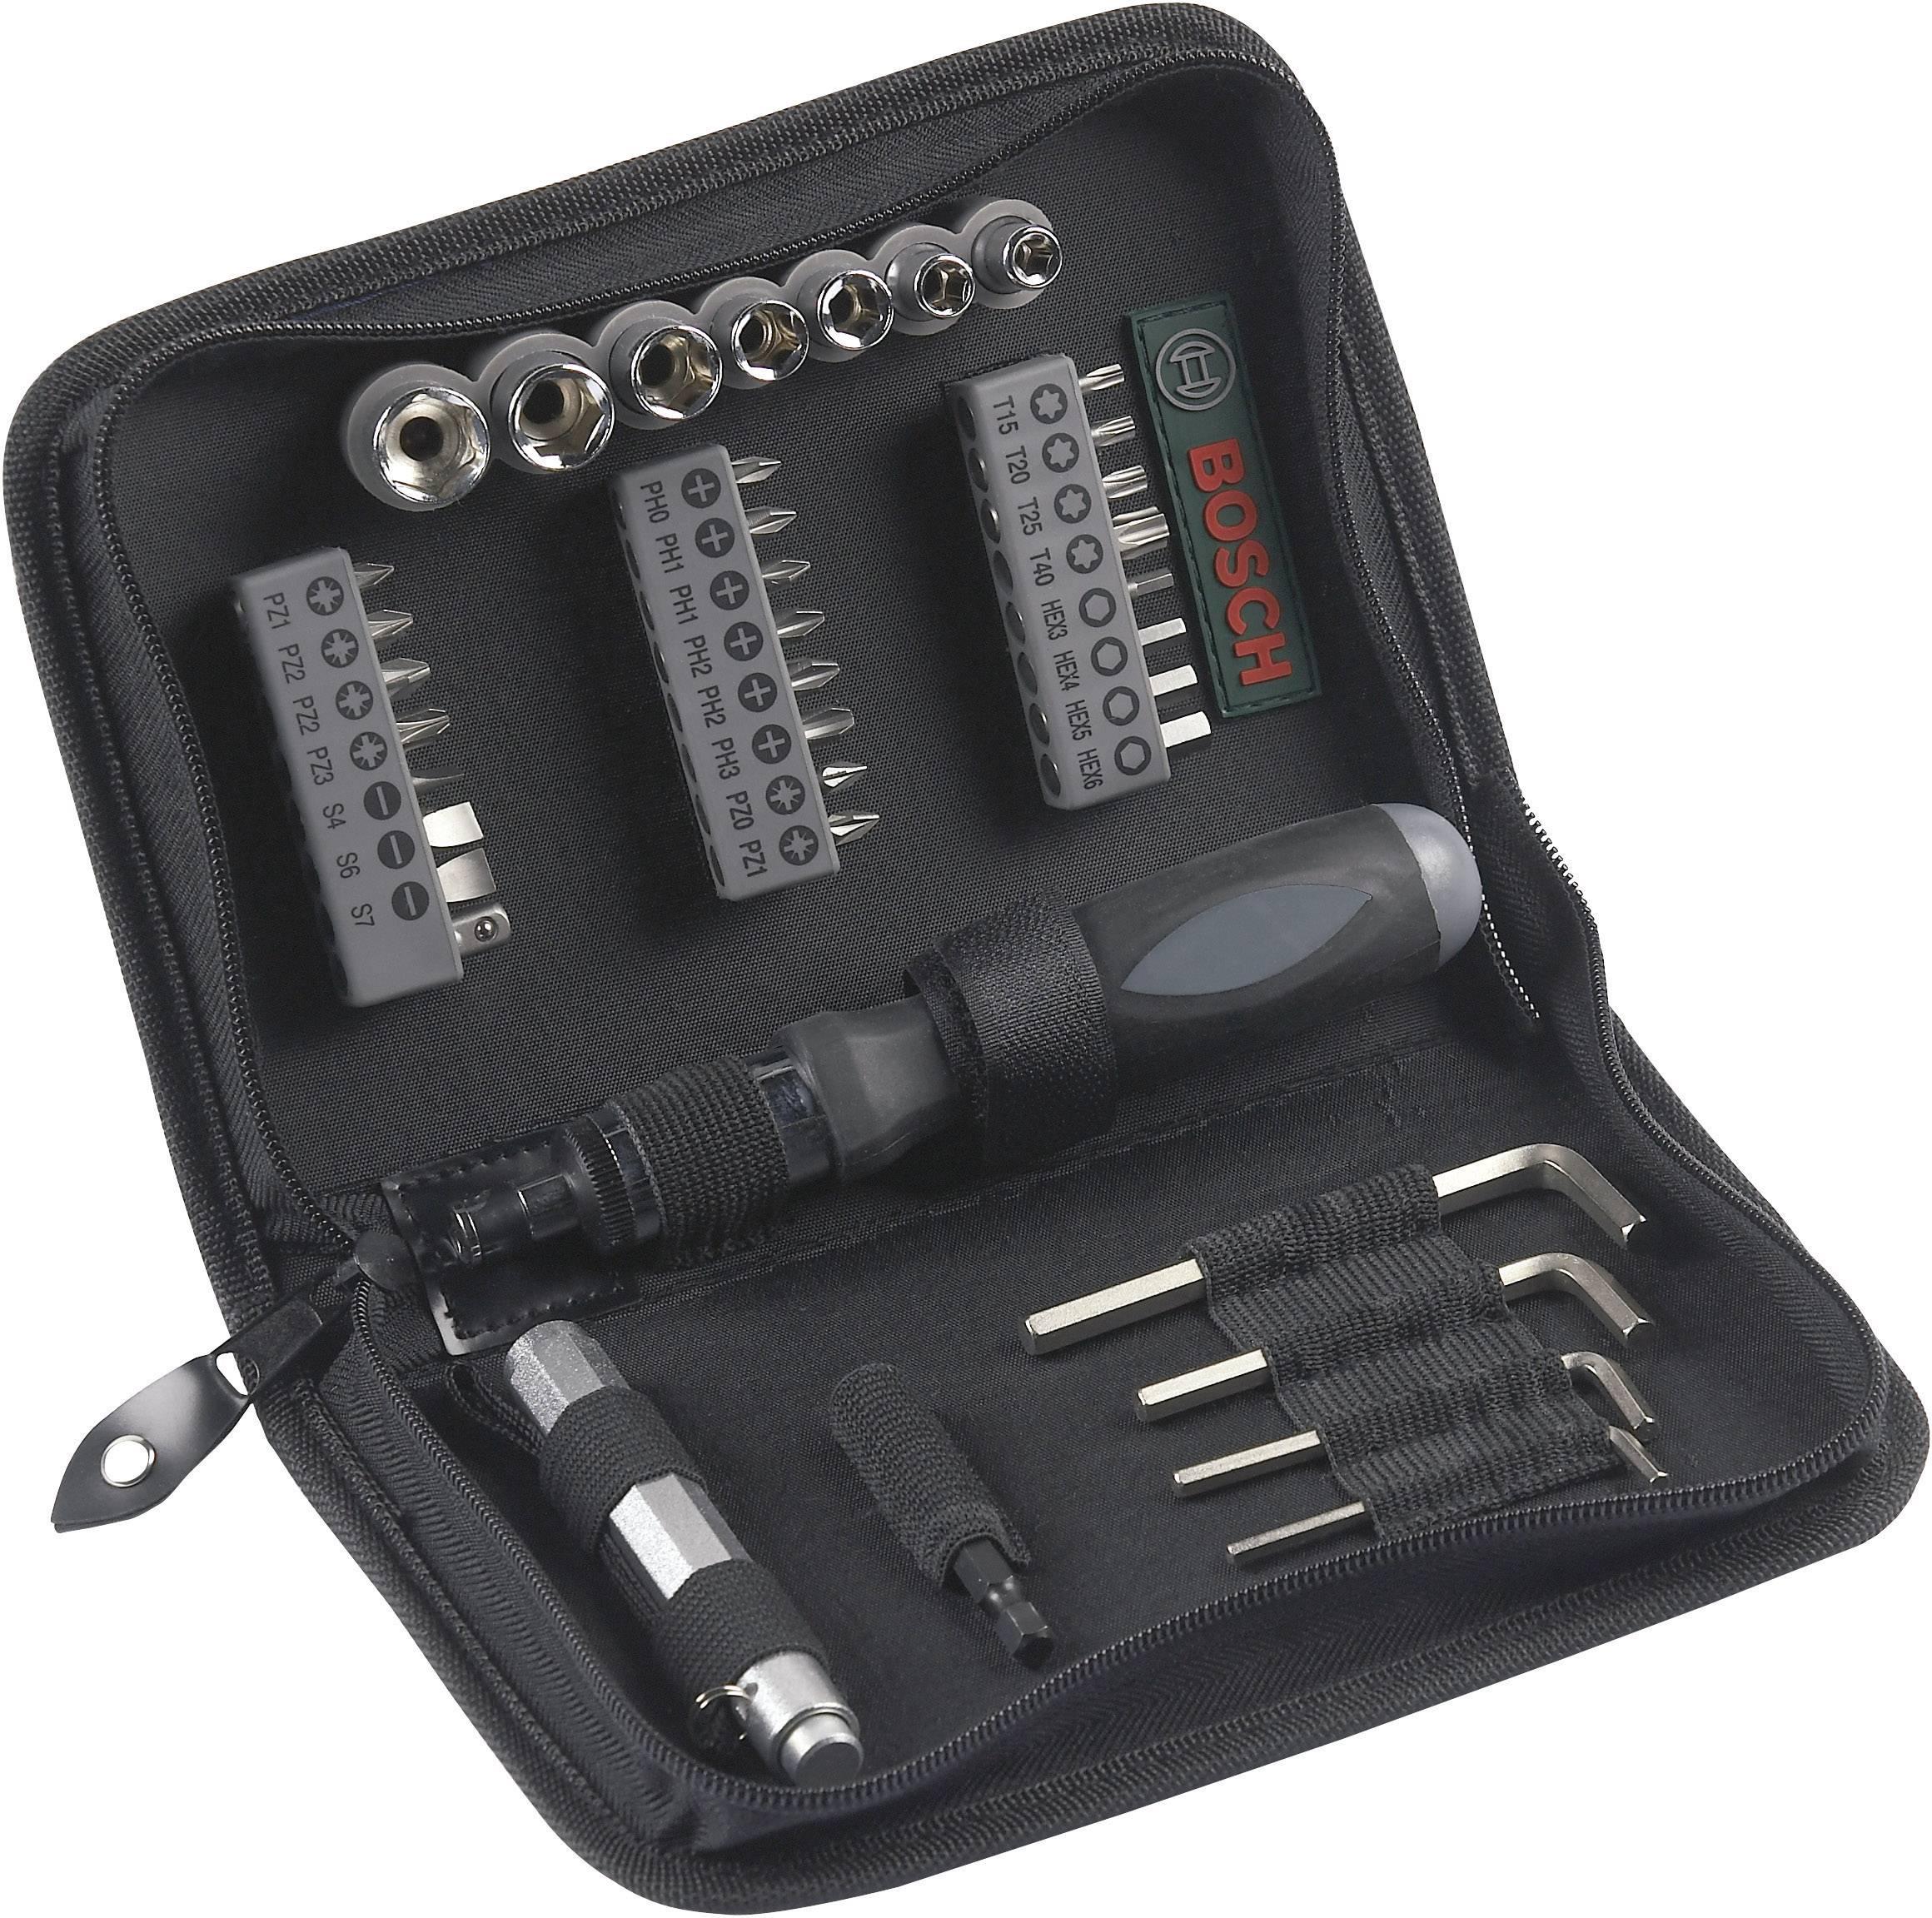 Sada náradia v púzdre pre údržbára Bosch Accessories Promoline 2607019506